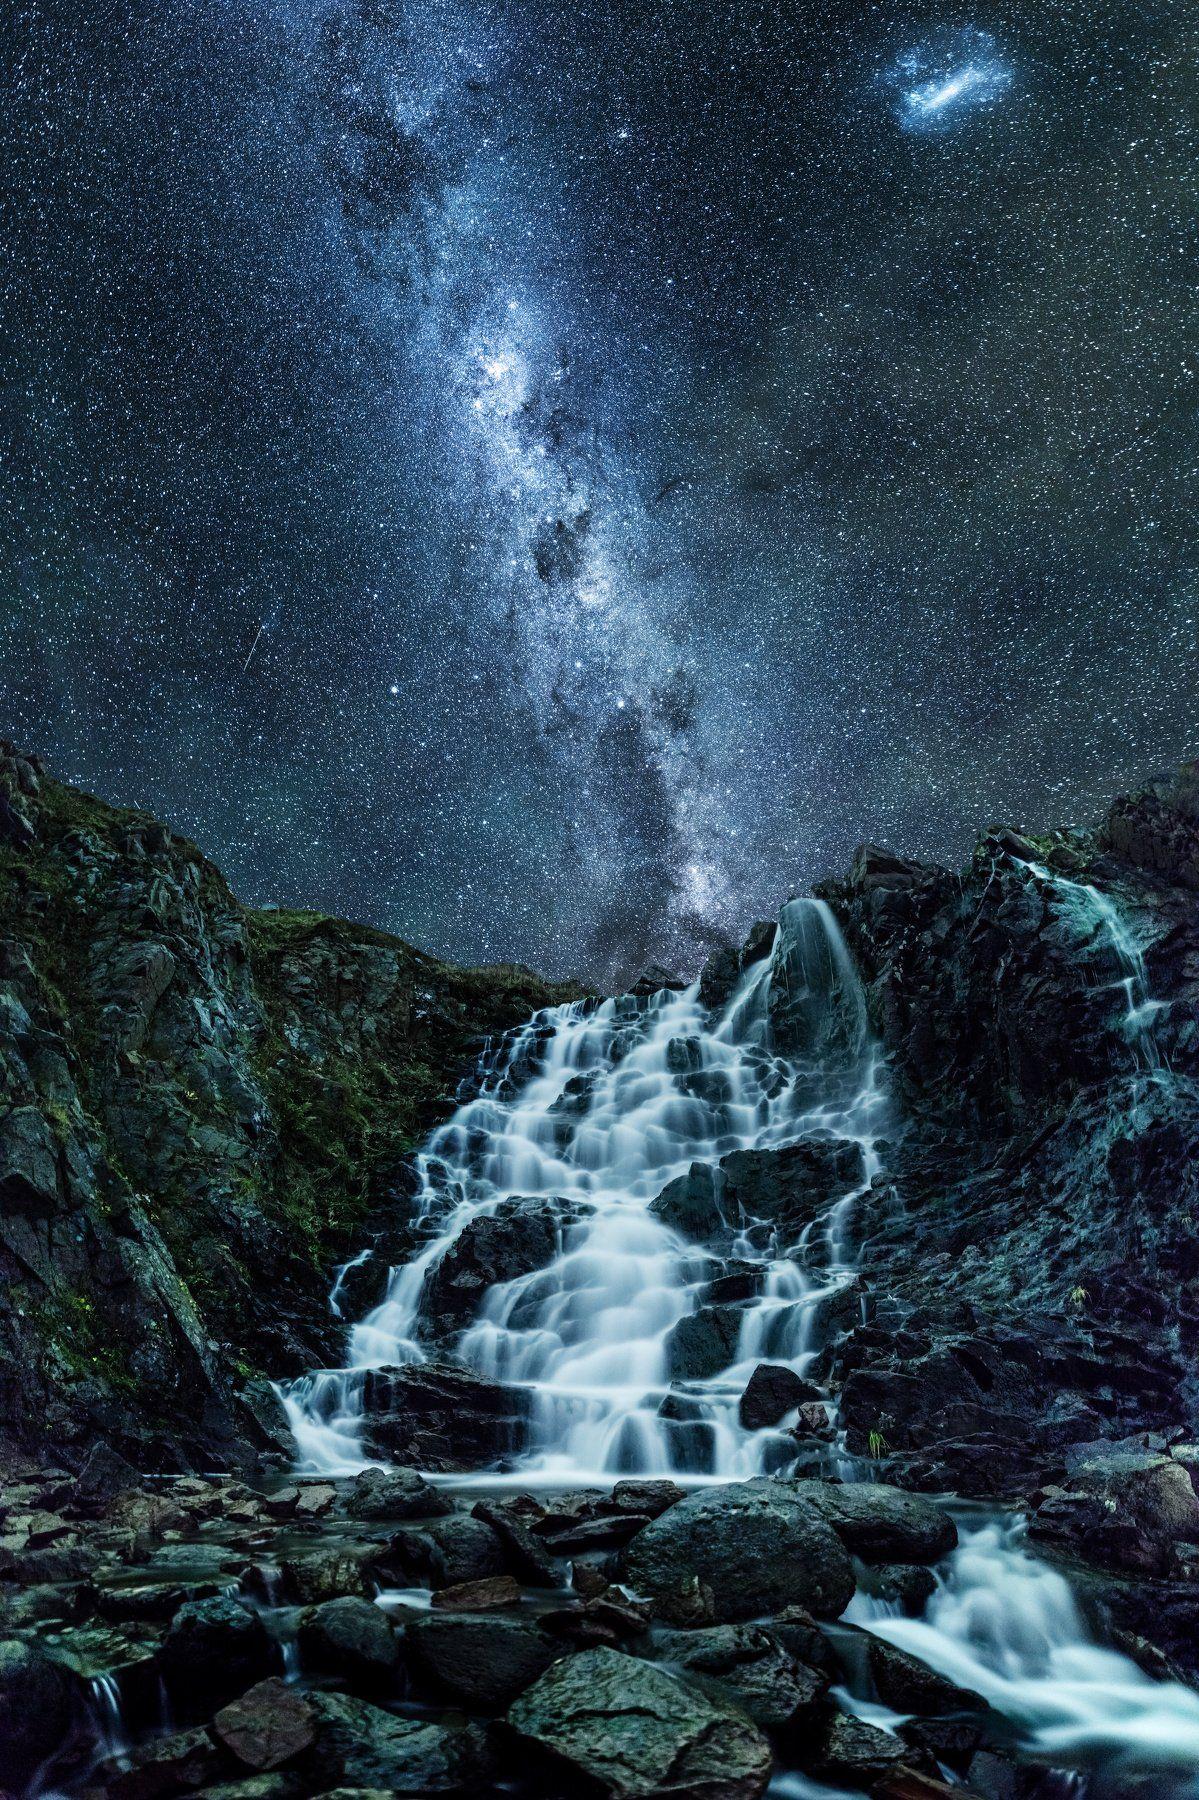 звезды, водопад, терибирка, мурманская область, россия, Алексей Сулоев